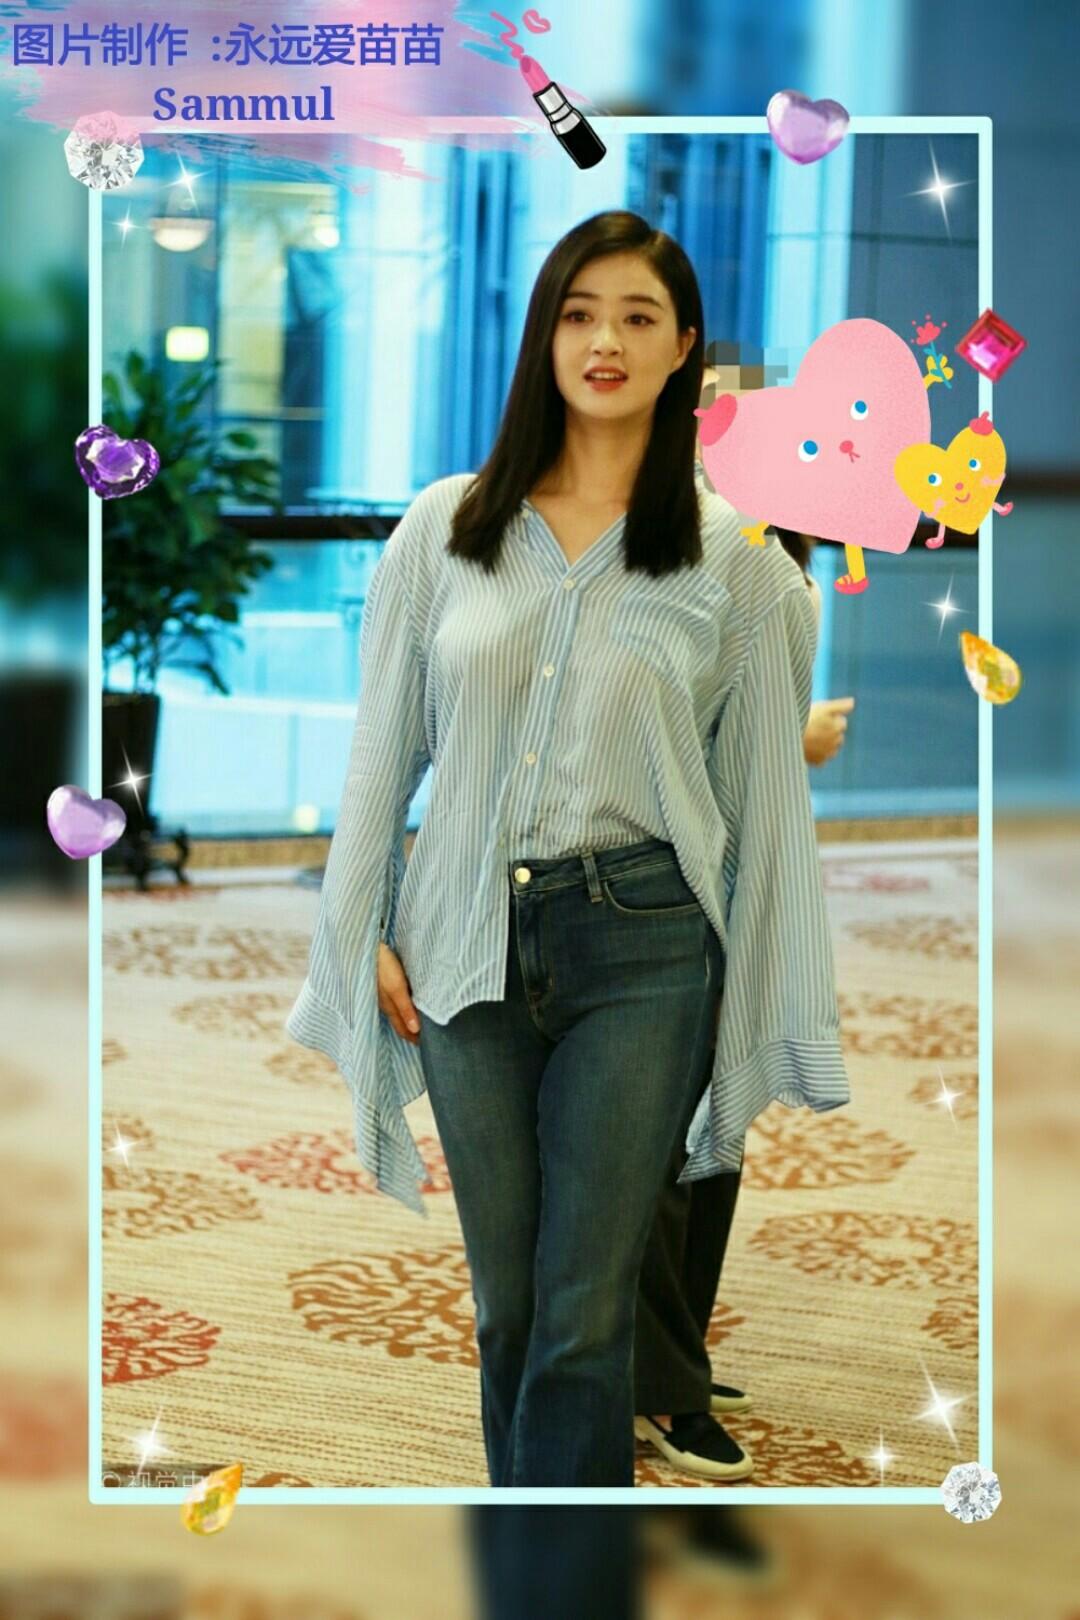 感謝在最美的時光遇見了你@蔣欣????